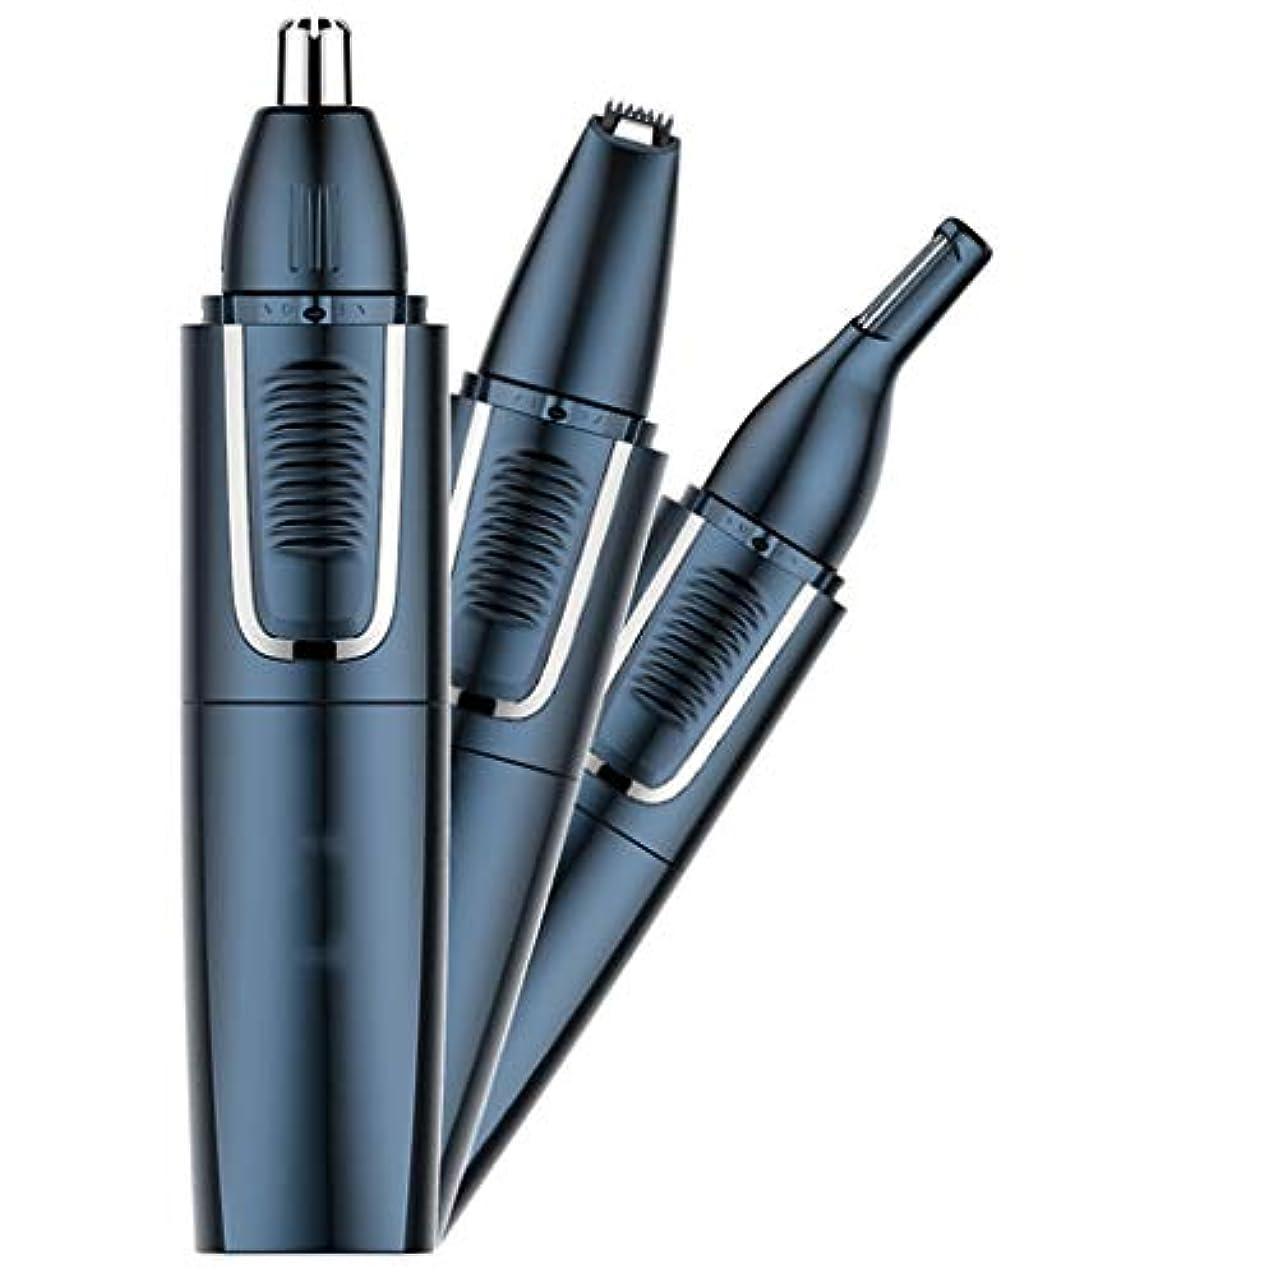 トランペットチャネル鯨多機能シェーバー、男性用電気鼻毛、女性用充電式眉毛シェーピングナイフ、あらゆる肌タイプに適しています